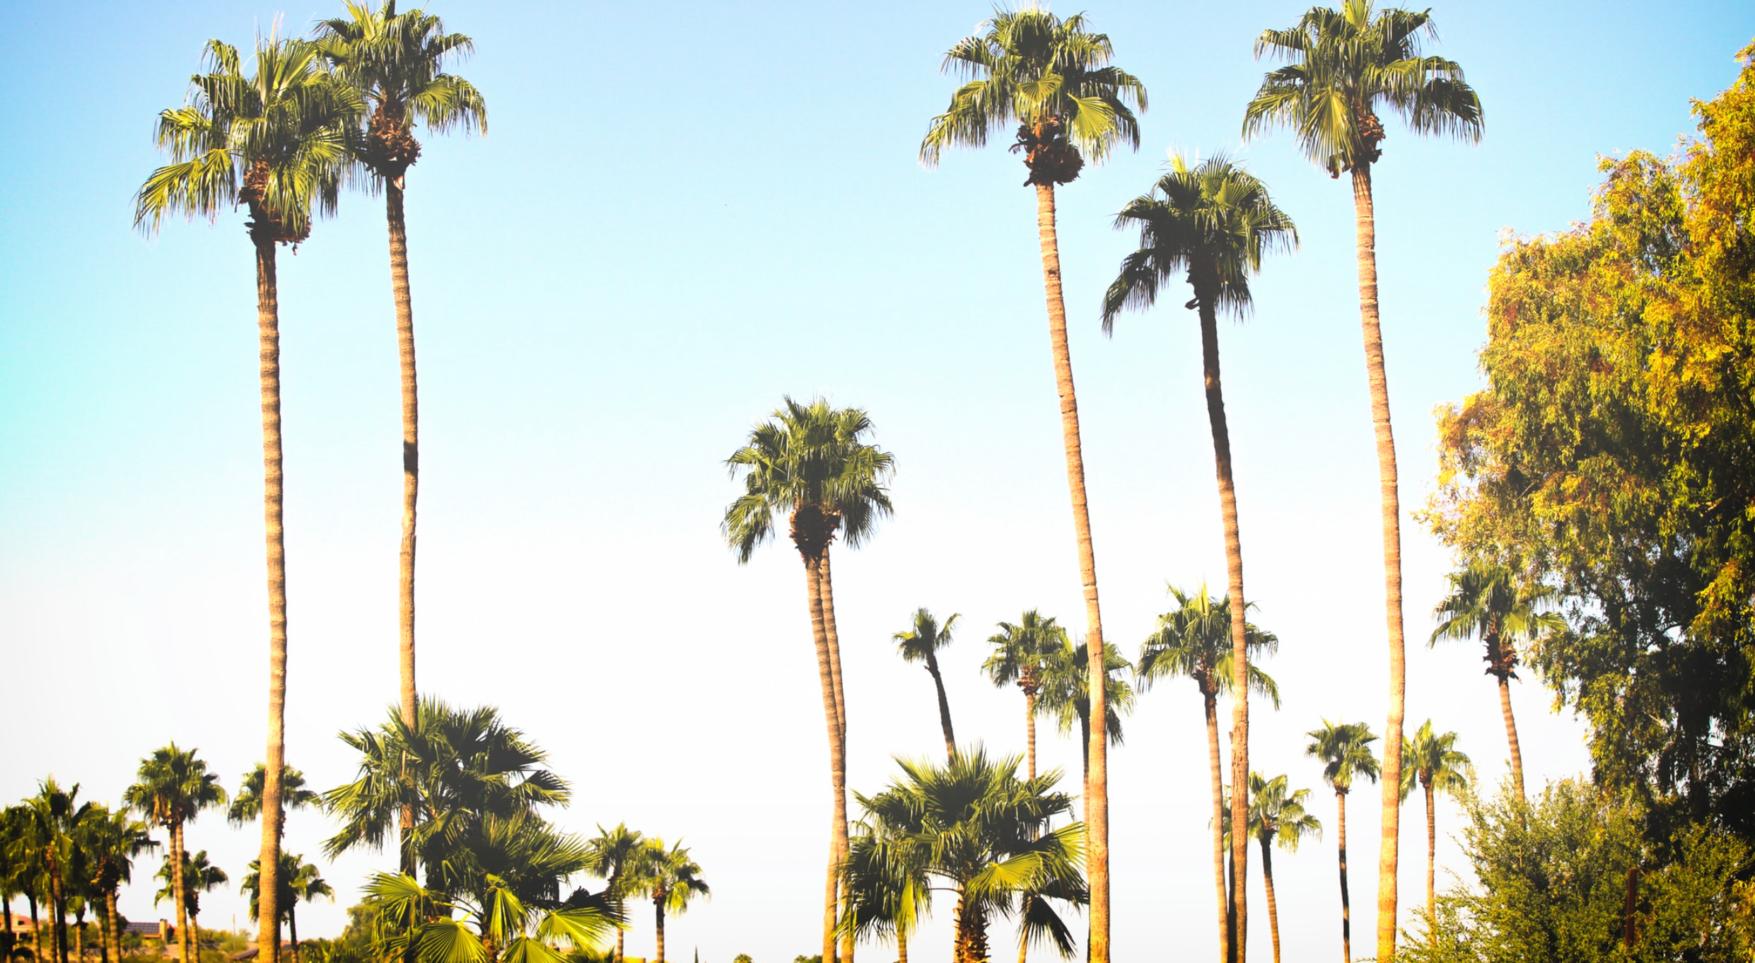 Palmiers et soleil sur fond bleu : c'est le printemps